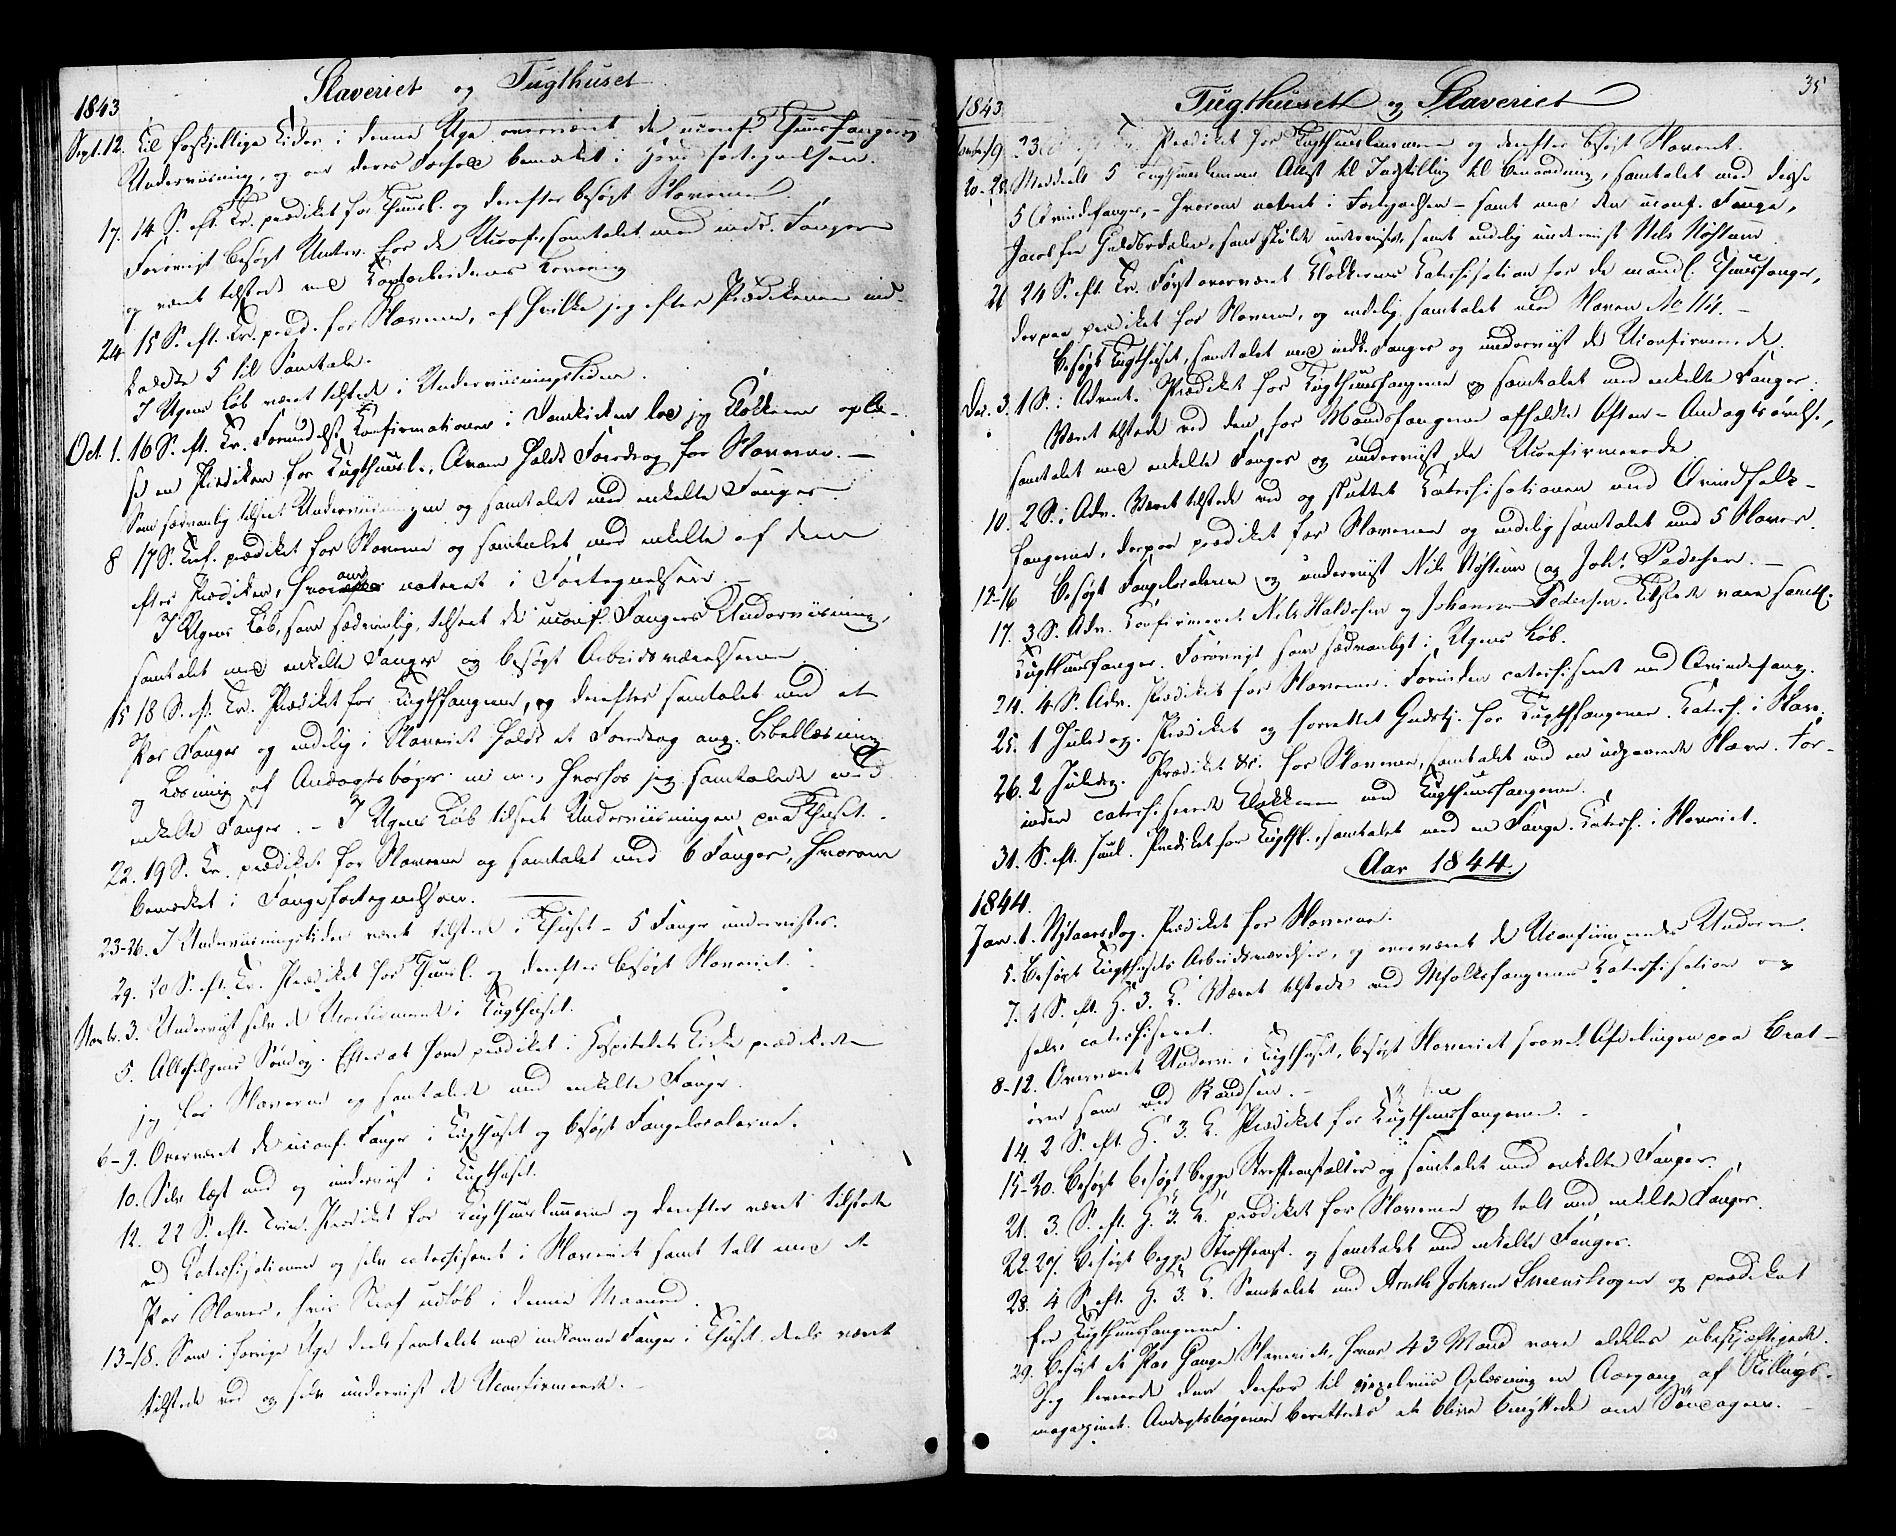 SAT, Ministerialprotokoller, klokkerbøker og fødselsregistre - Sør-Trøndelag, 624/L0480: Ministerialbok nr. 624A01, 1841-1864, s. 35